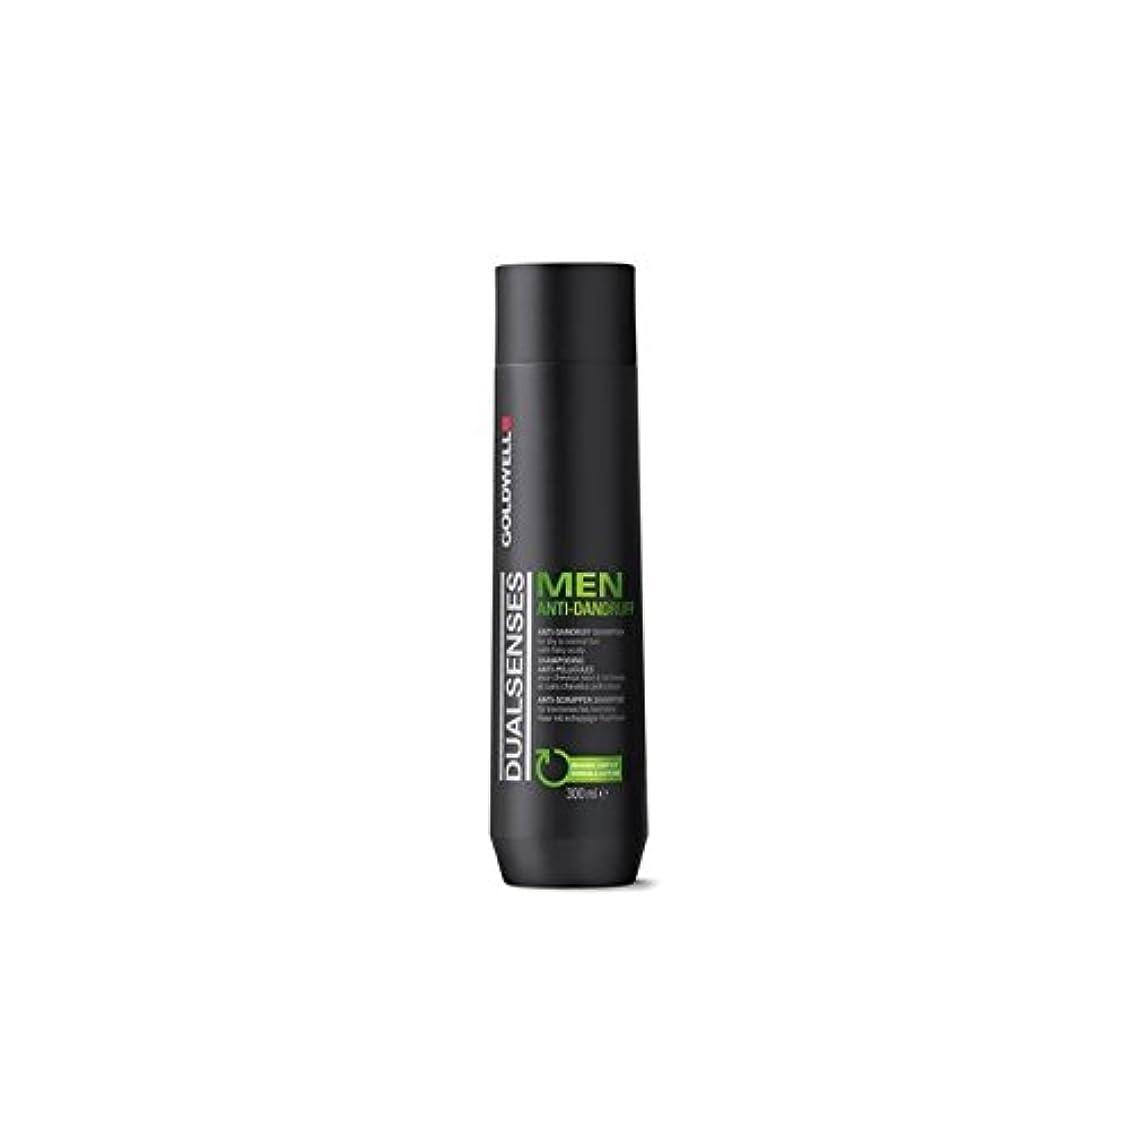 量項目交通渋滞Goldwell Dualsenses For Men Anti-Dandruff Shampoo (300ml) - フケ防止シャンプー(300ミリリットル)男性のためのの [並行輸入品]